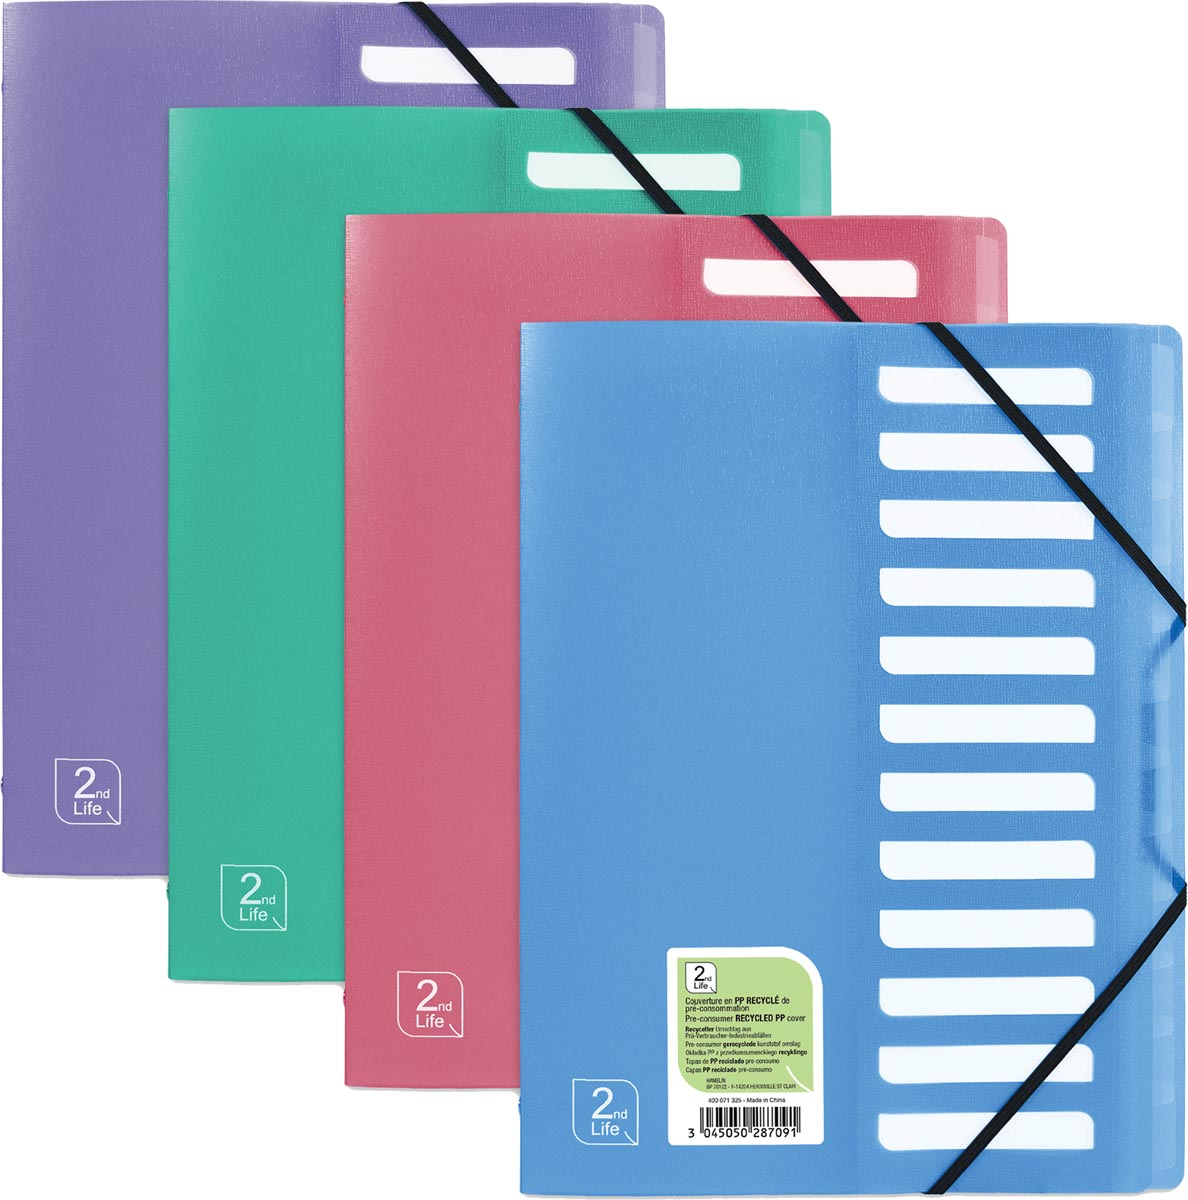 OXFORD 2nd Life sorteermap, formaat A4, uit PP, 12 tabs, geassorteerde kleuren